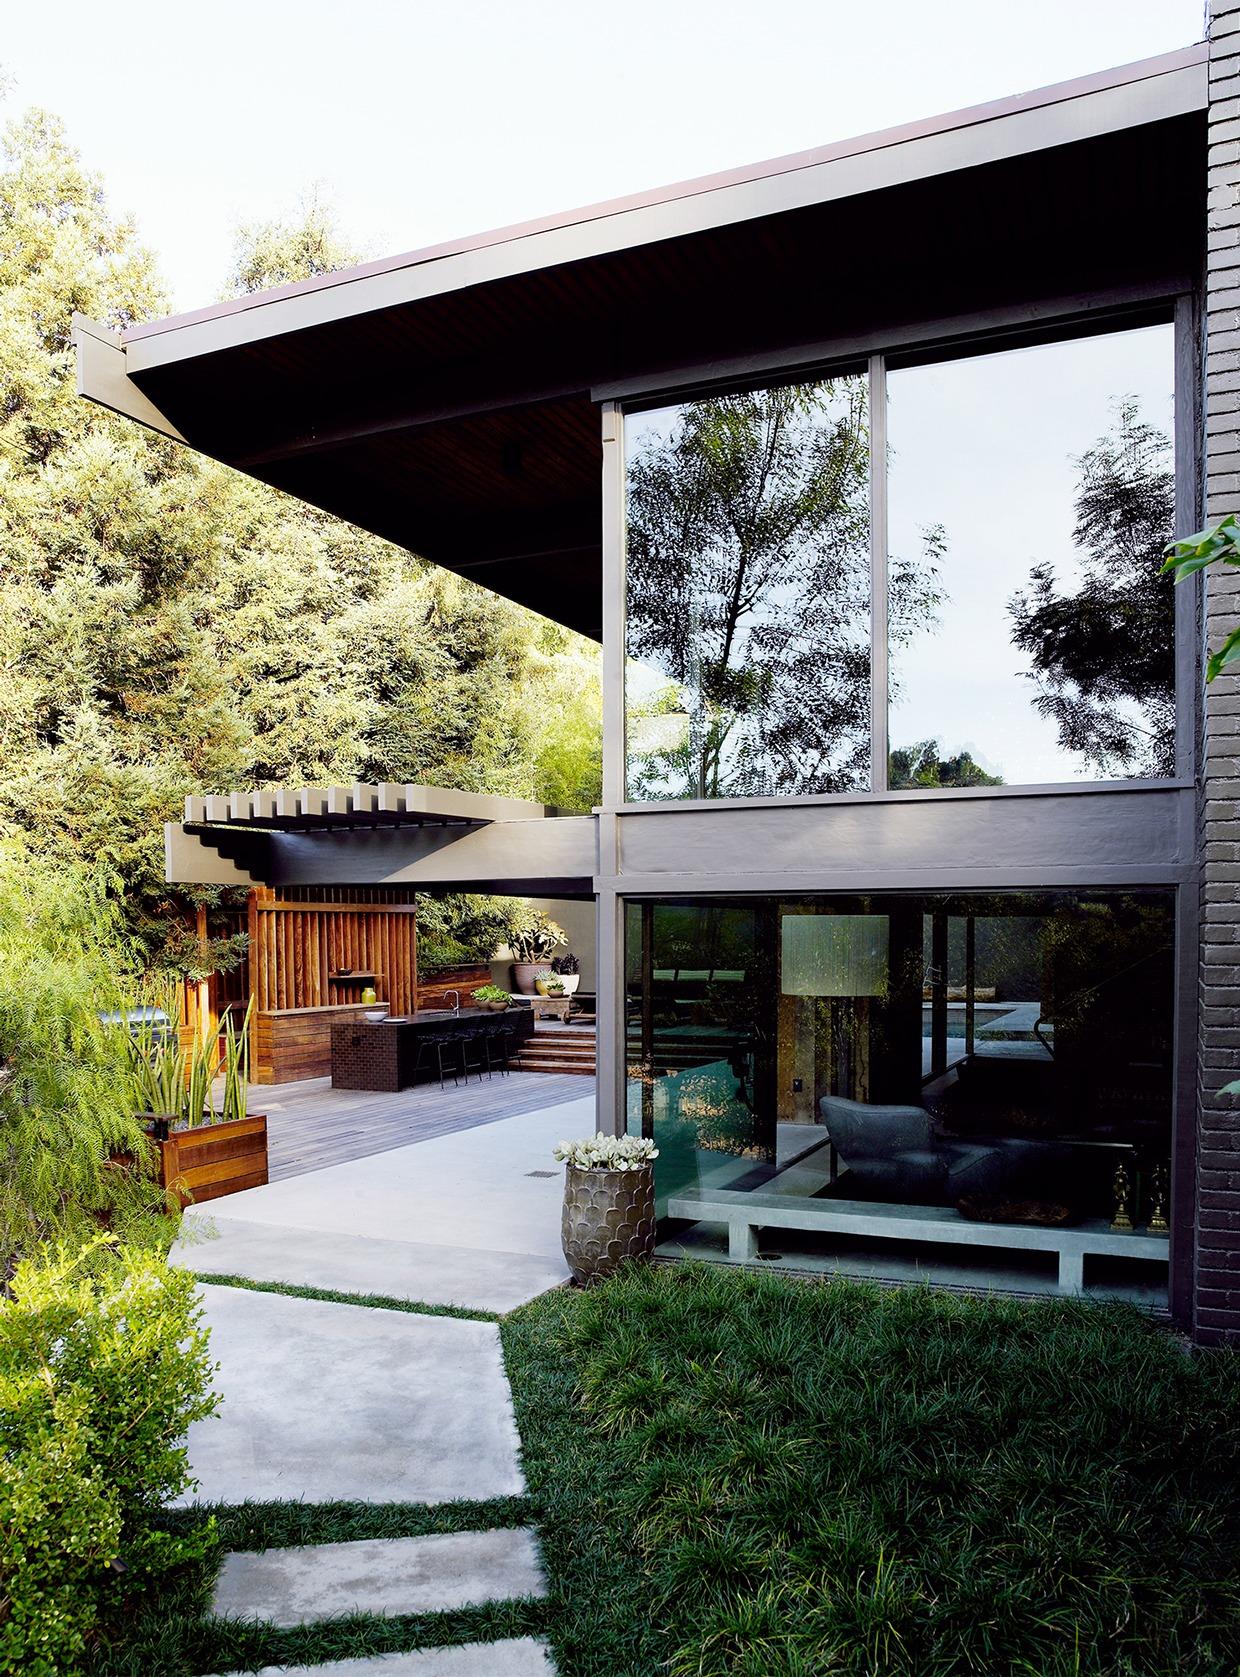 retro-modern-home-exterior